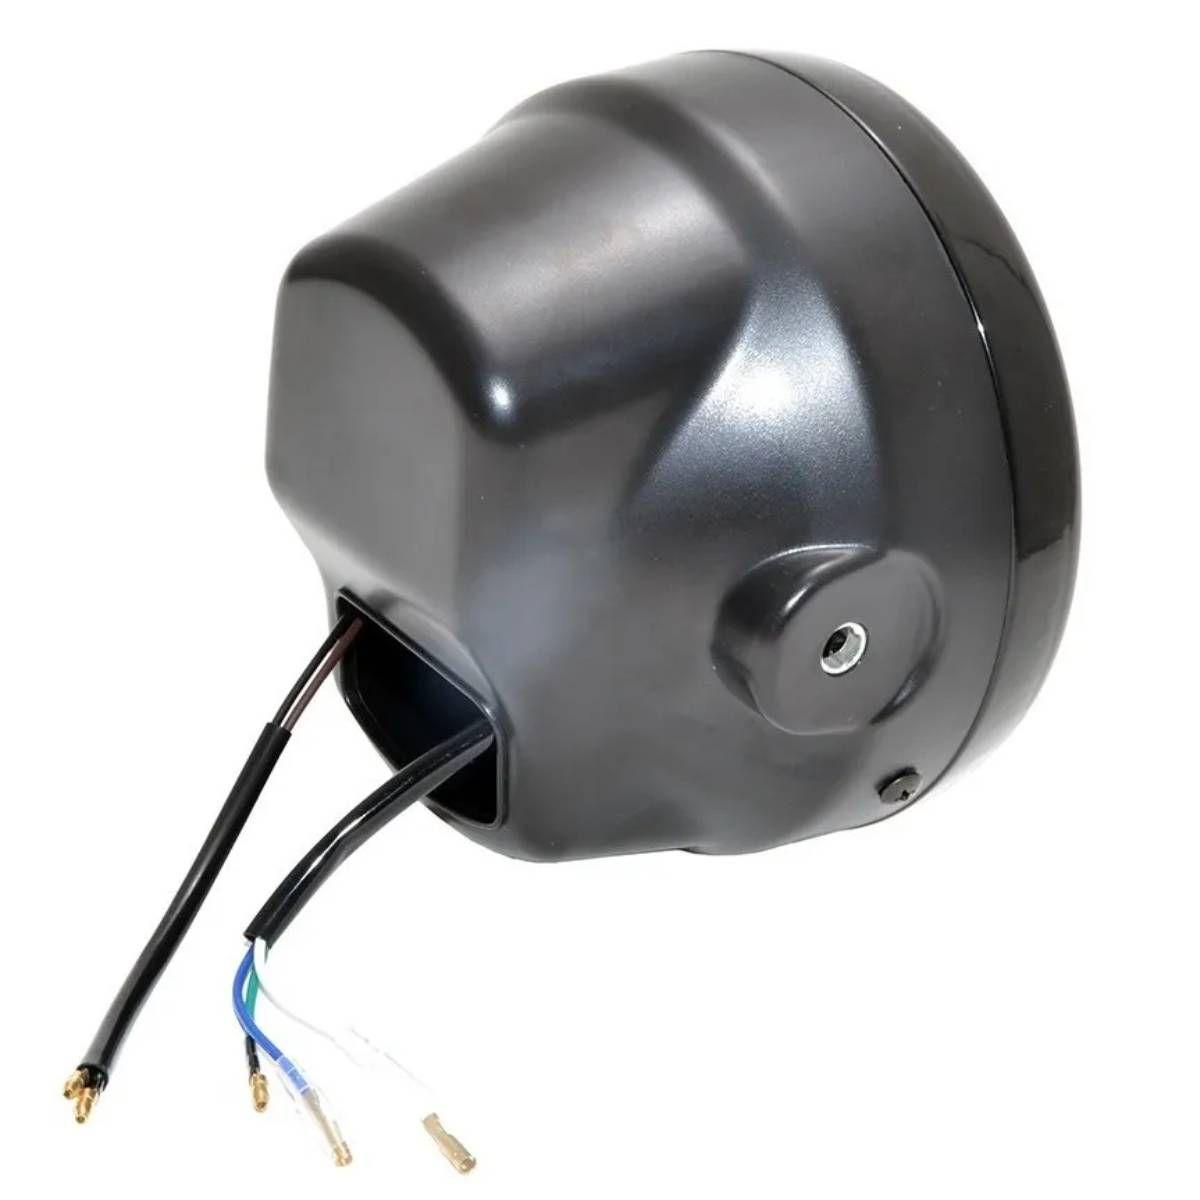 FAROL P/ MOTO HONDA CG 150 TITAN C/ LAMPADA DE LED